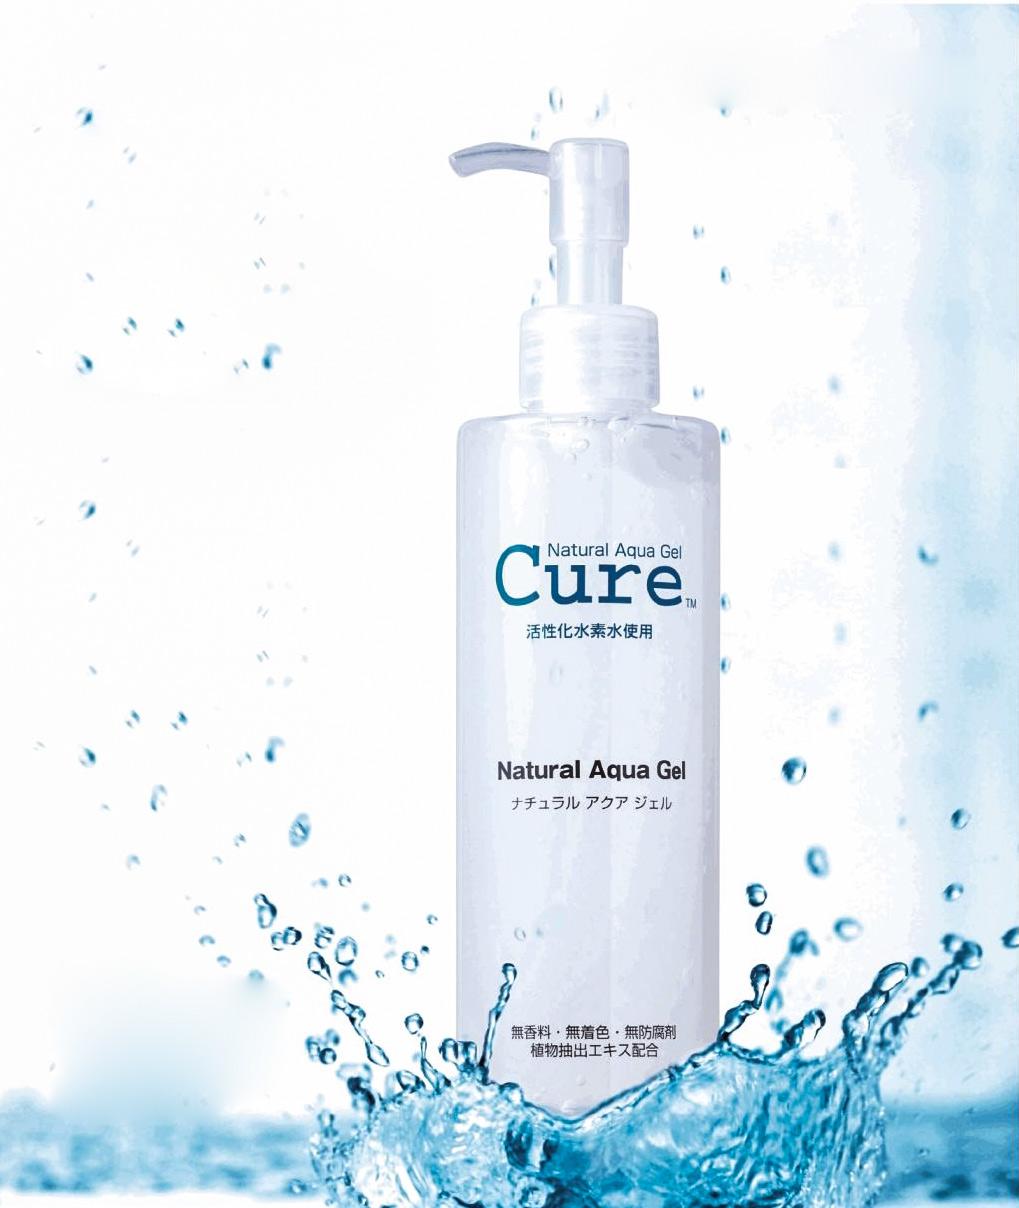 tay-da-chet-cure-natural-aqua-gel-1-19012016124208